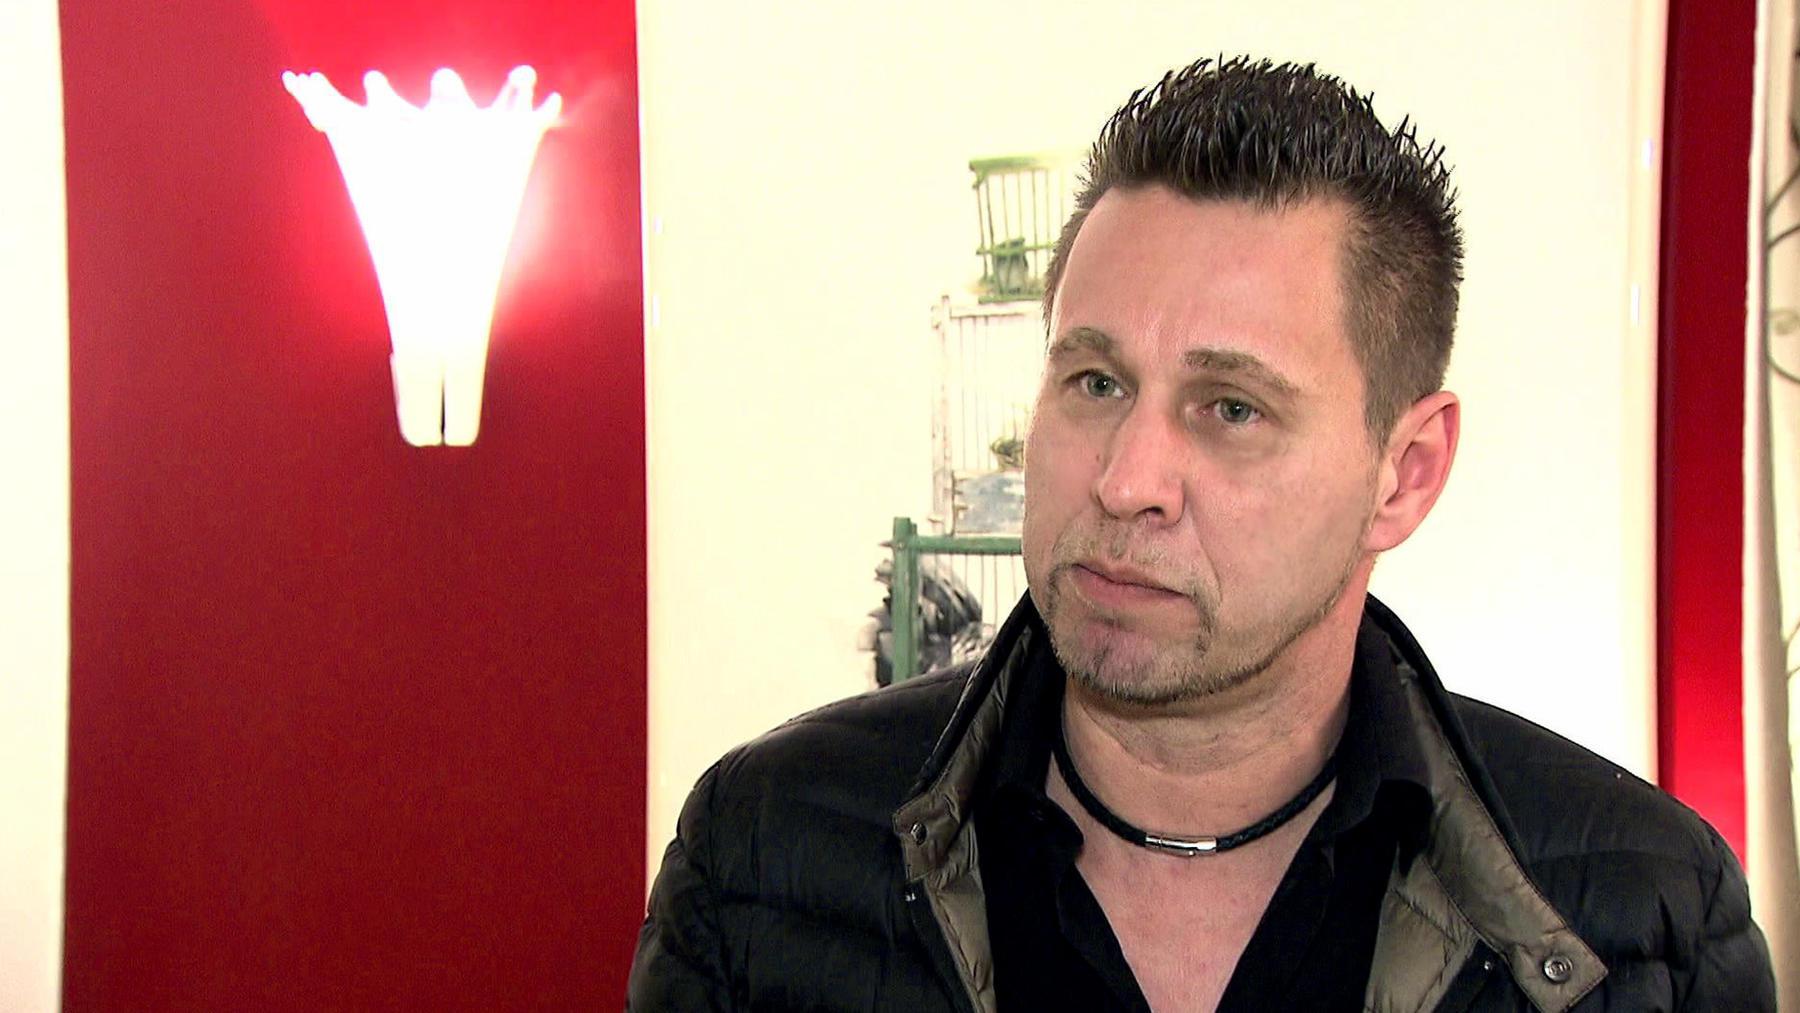 Musikproduzent will nach Frankfurt